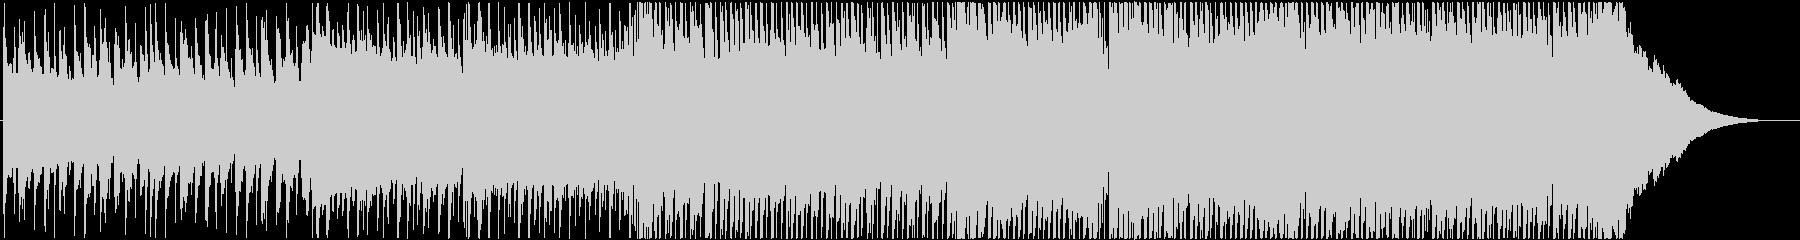 Refreshing J-POP sound ♪'s unreproduced waveform